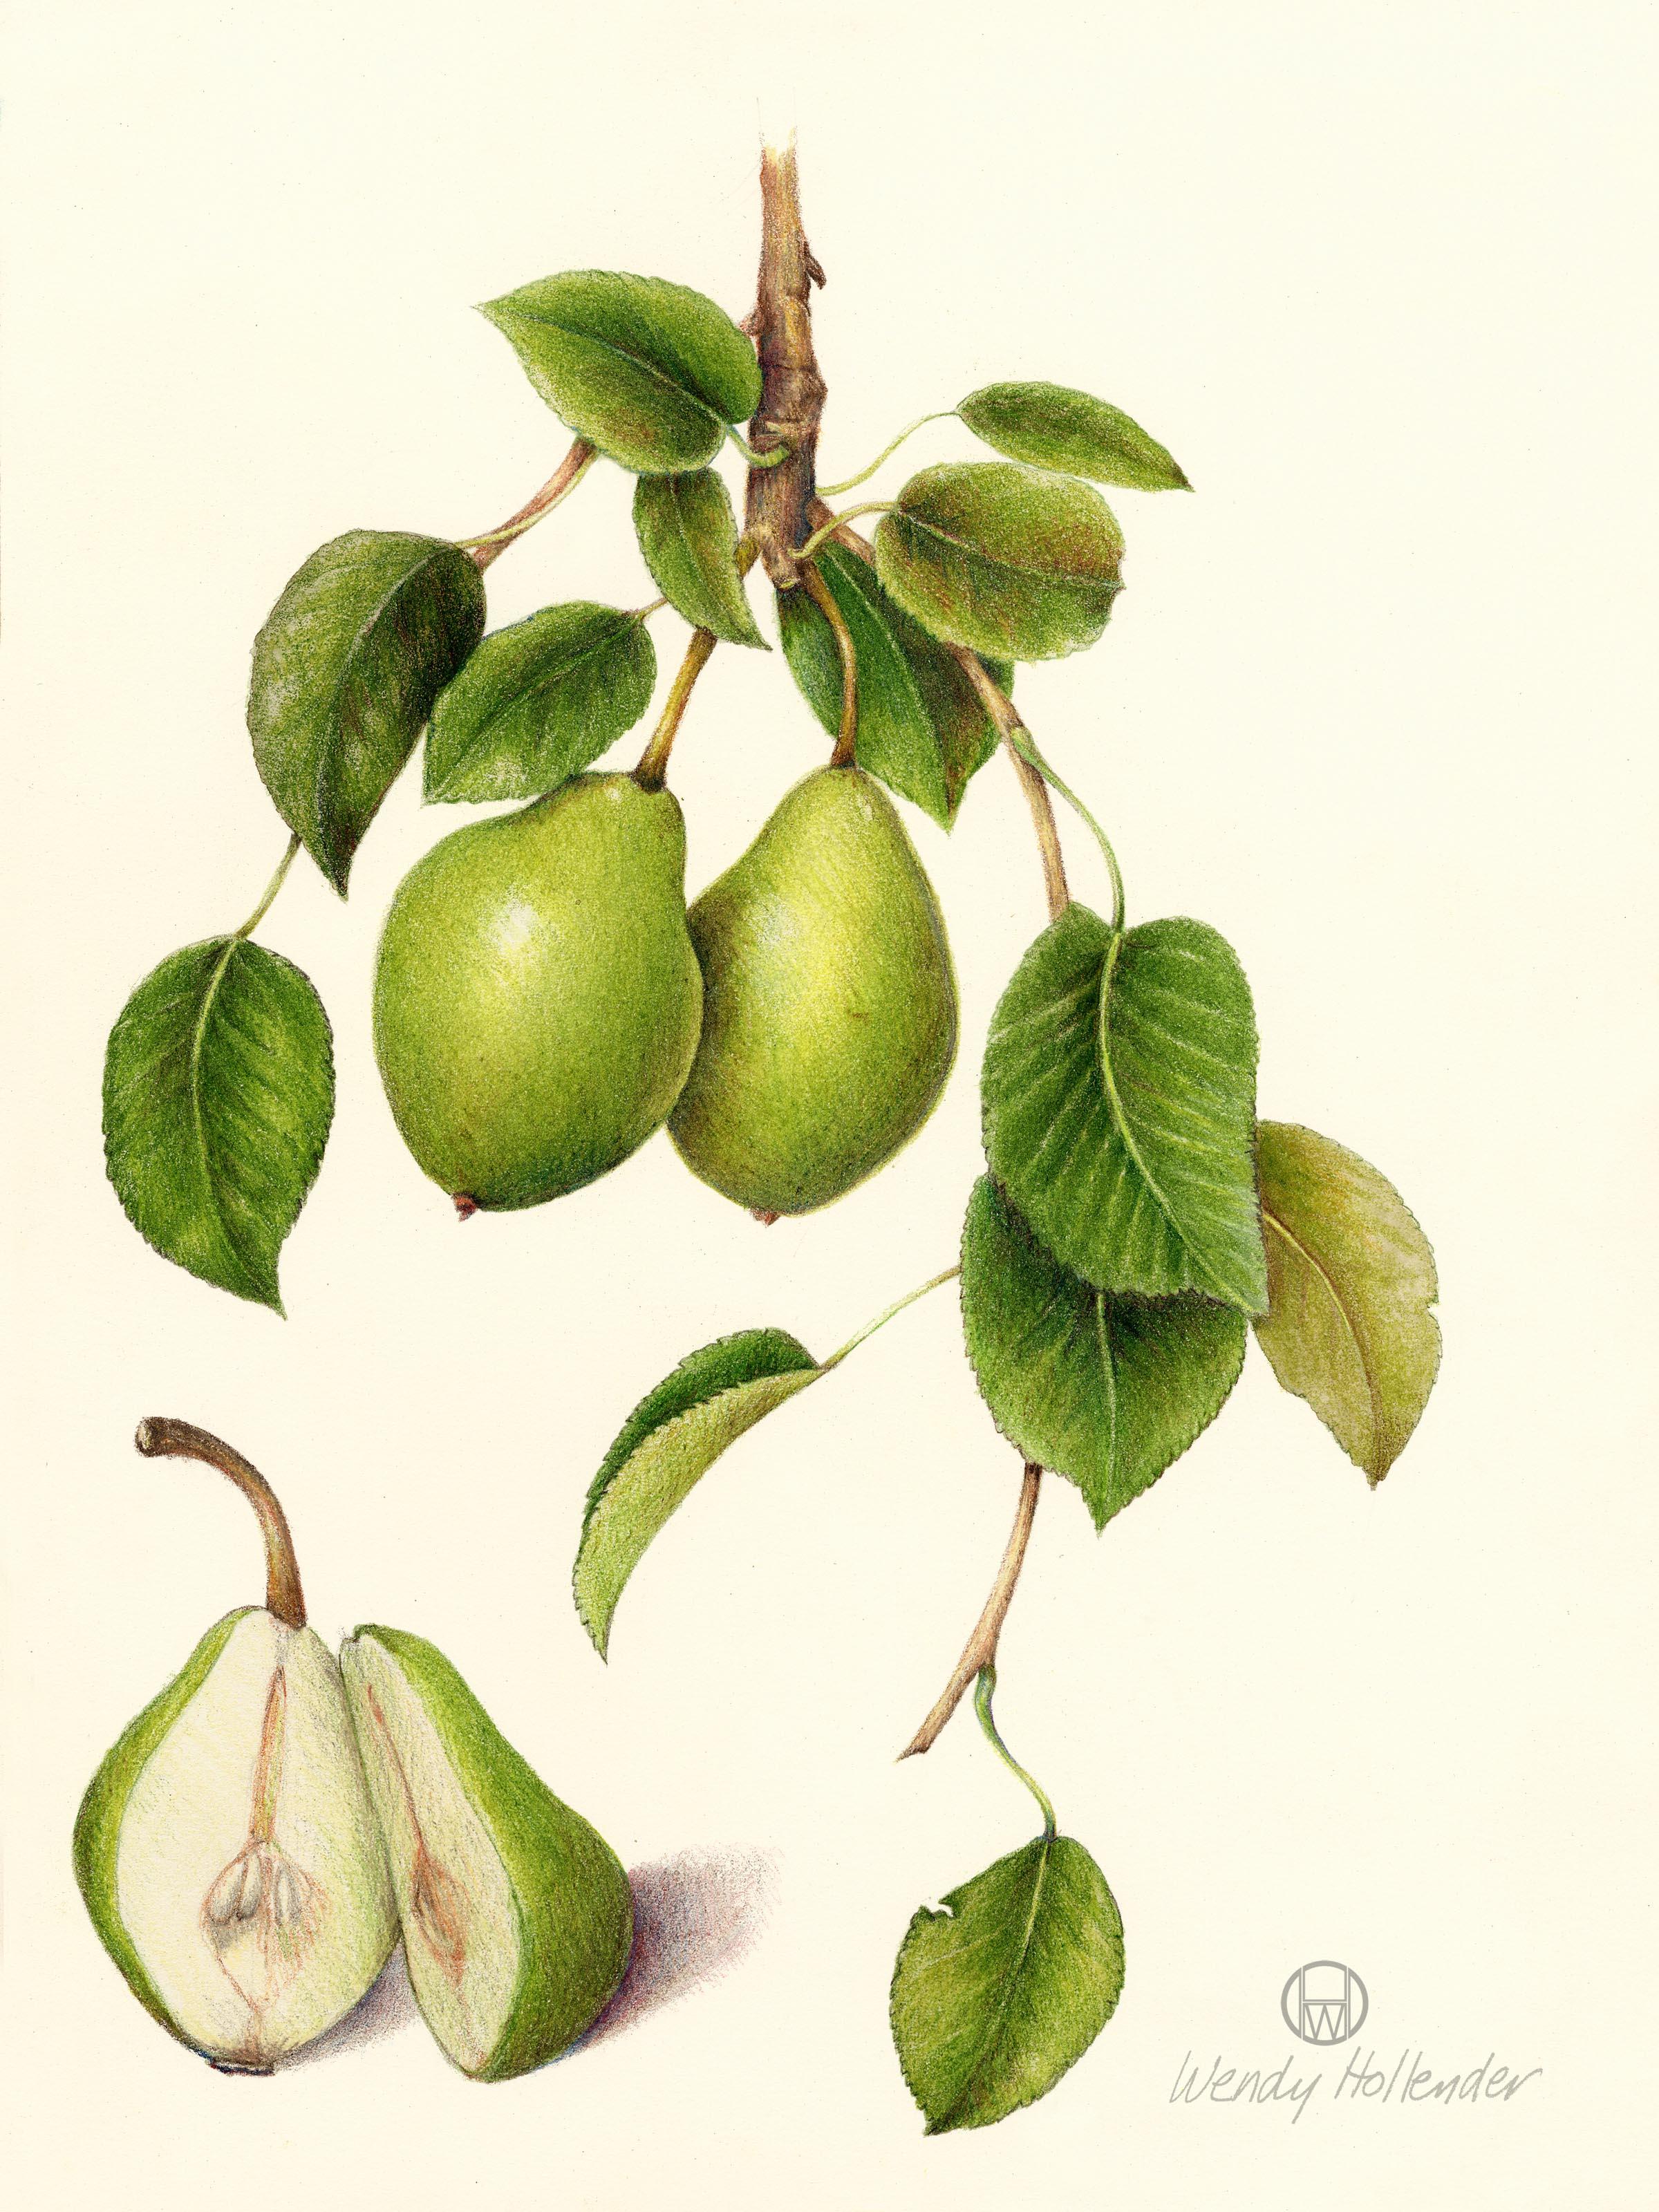 The Secret Life of Plants: botanical artist Wendy Hollender | Roll Online